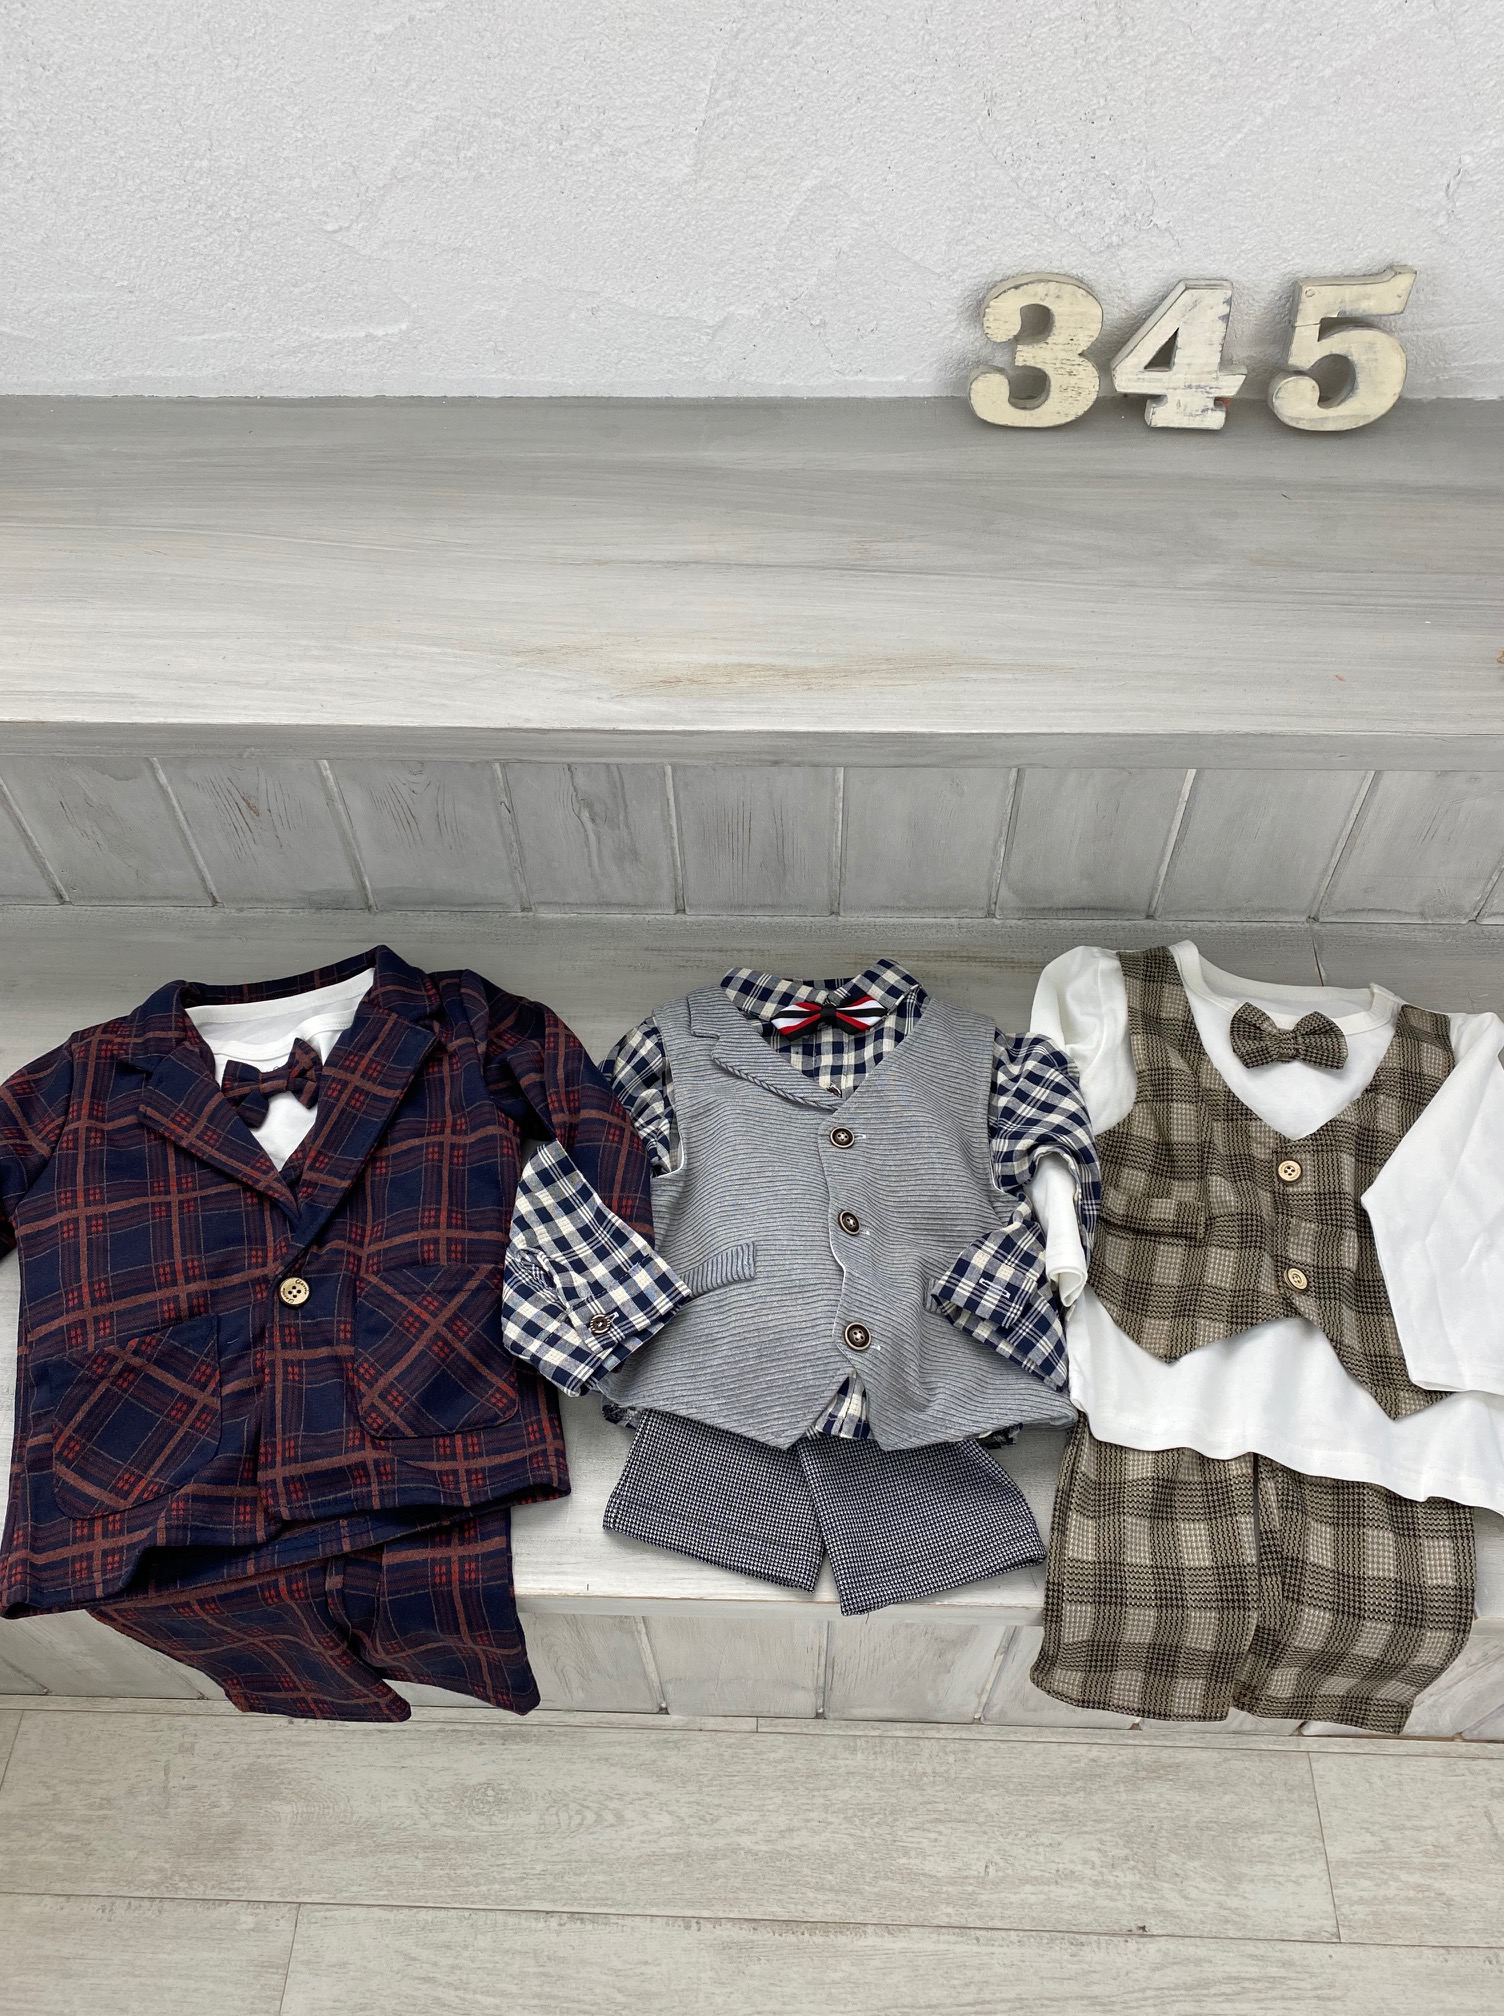 1歳 男の子用の衣装